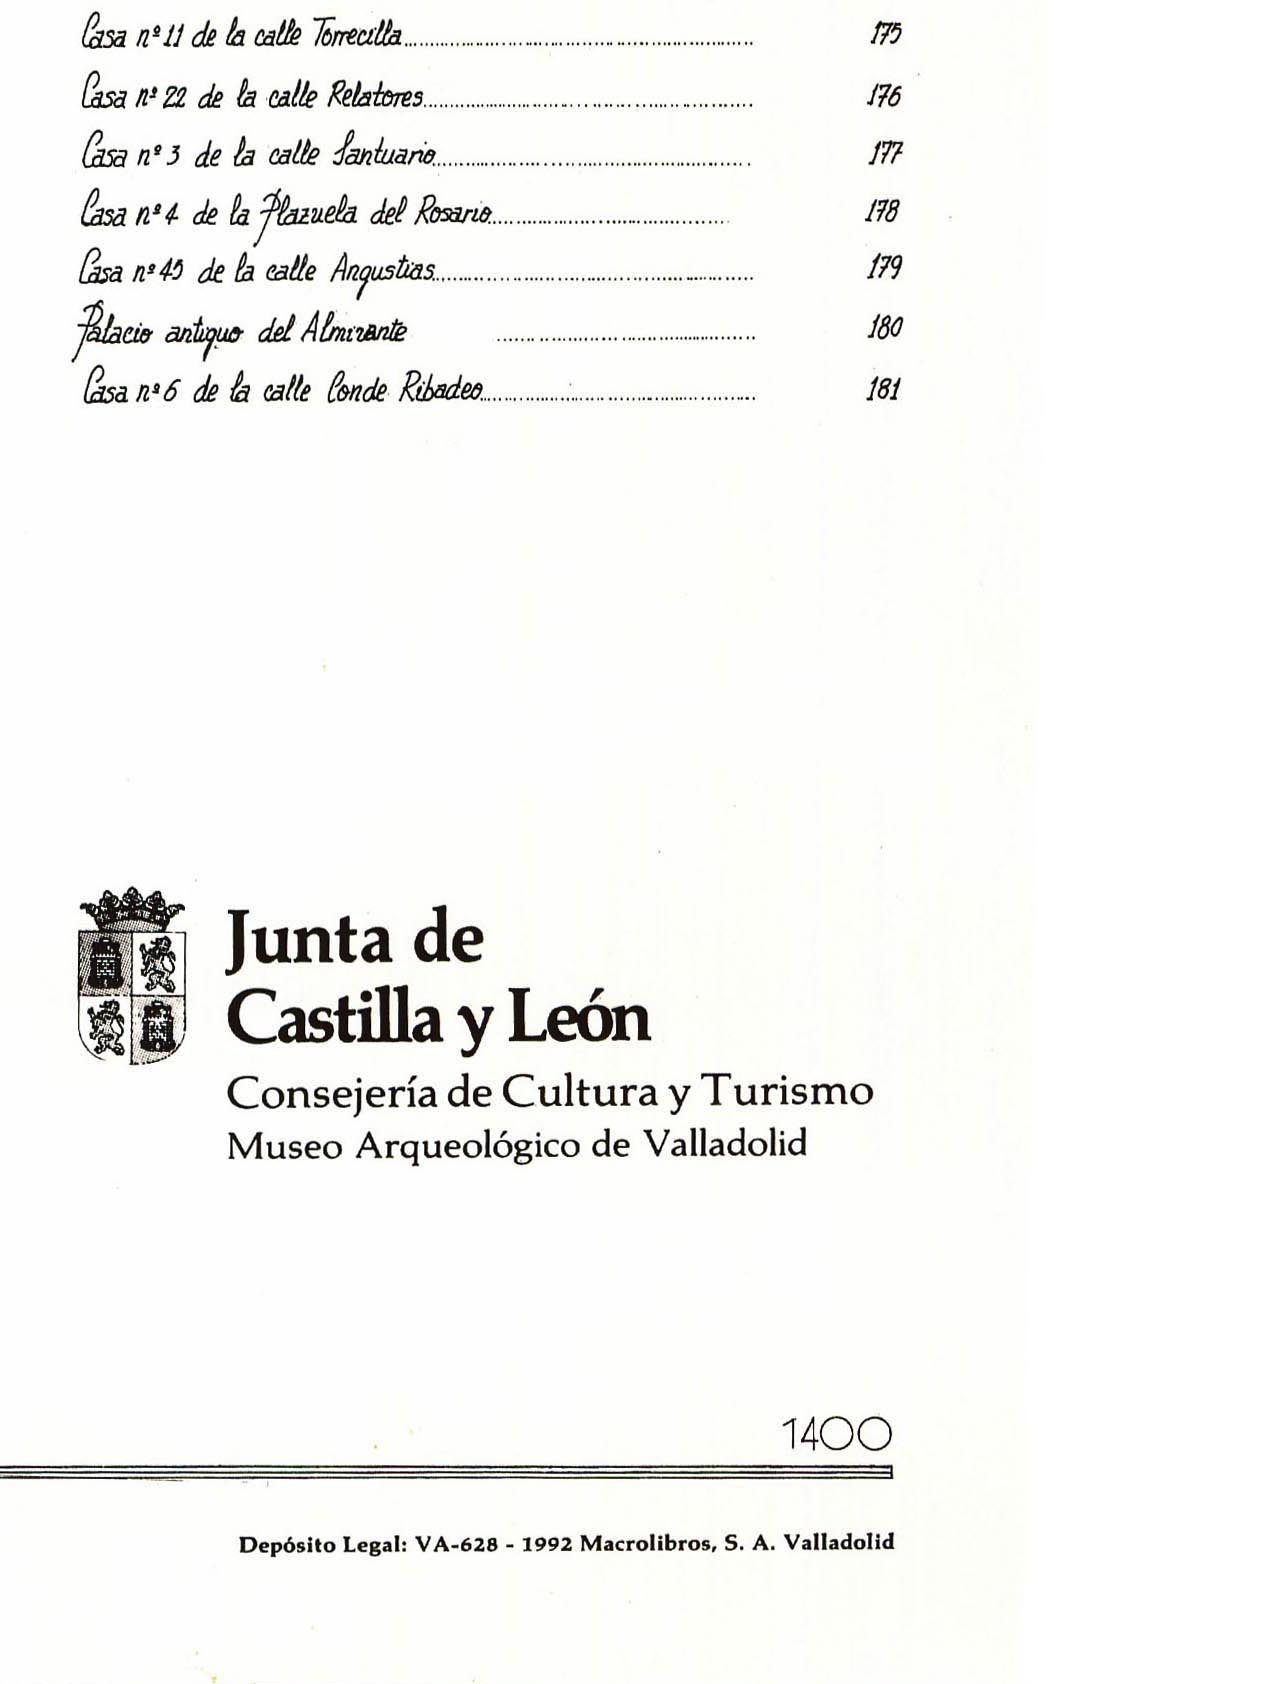 danielvillalobos-valladolid-blueprints-renaissance-j.10